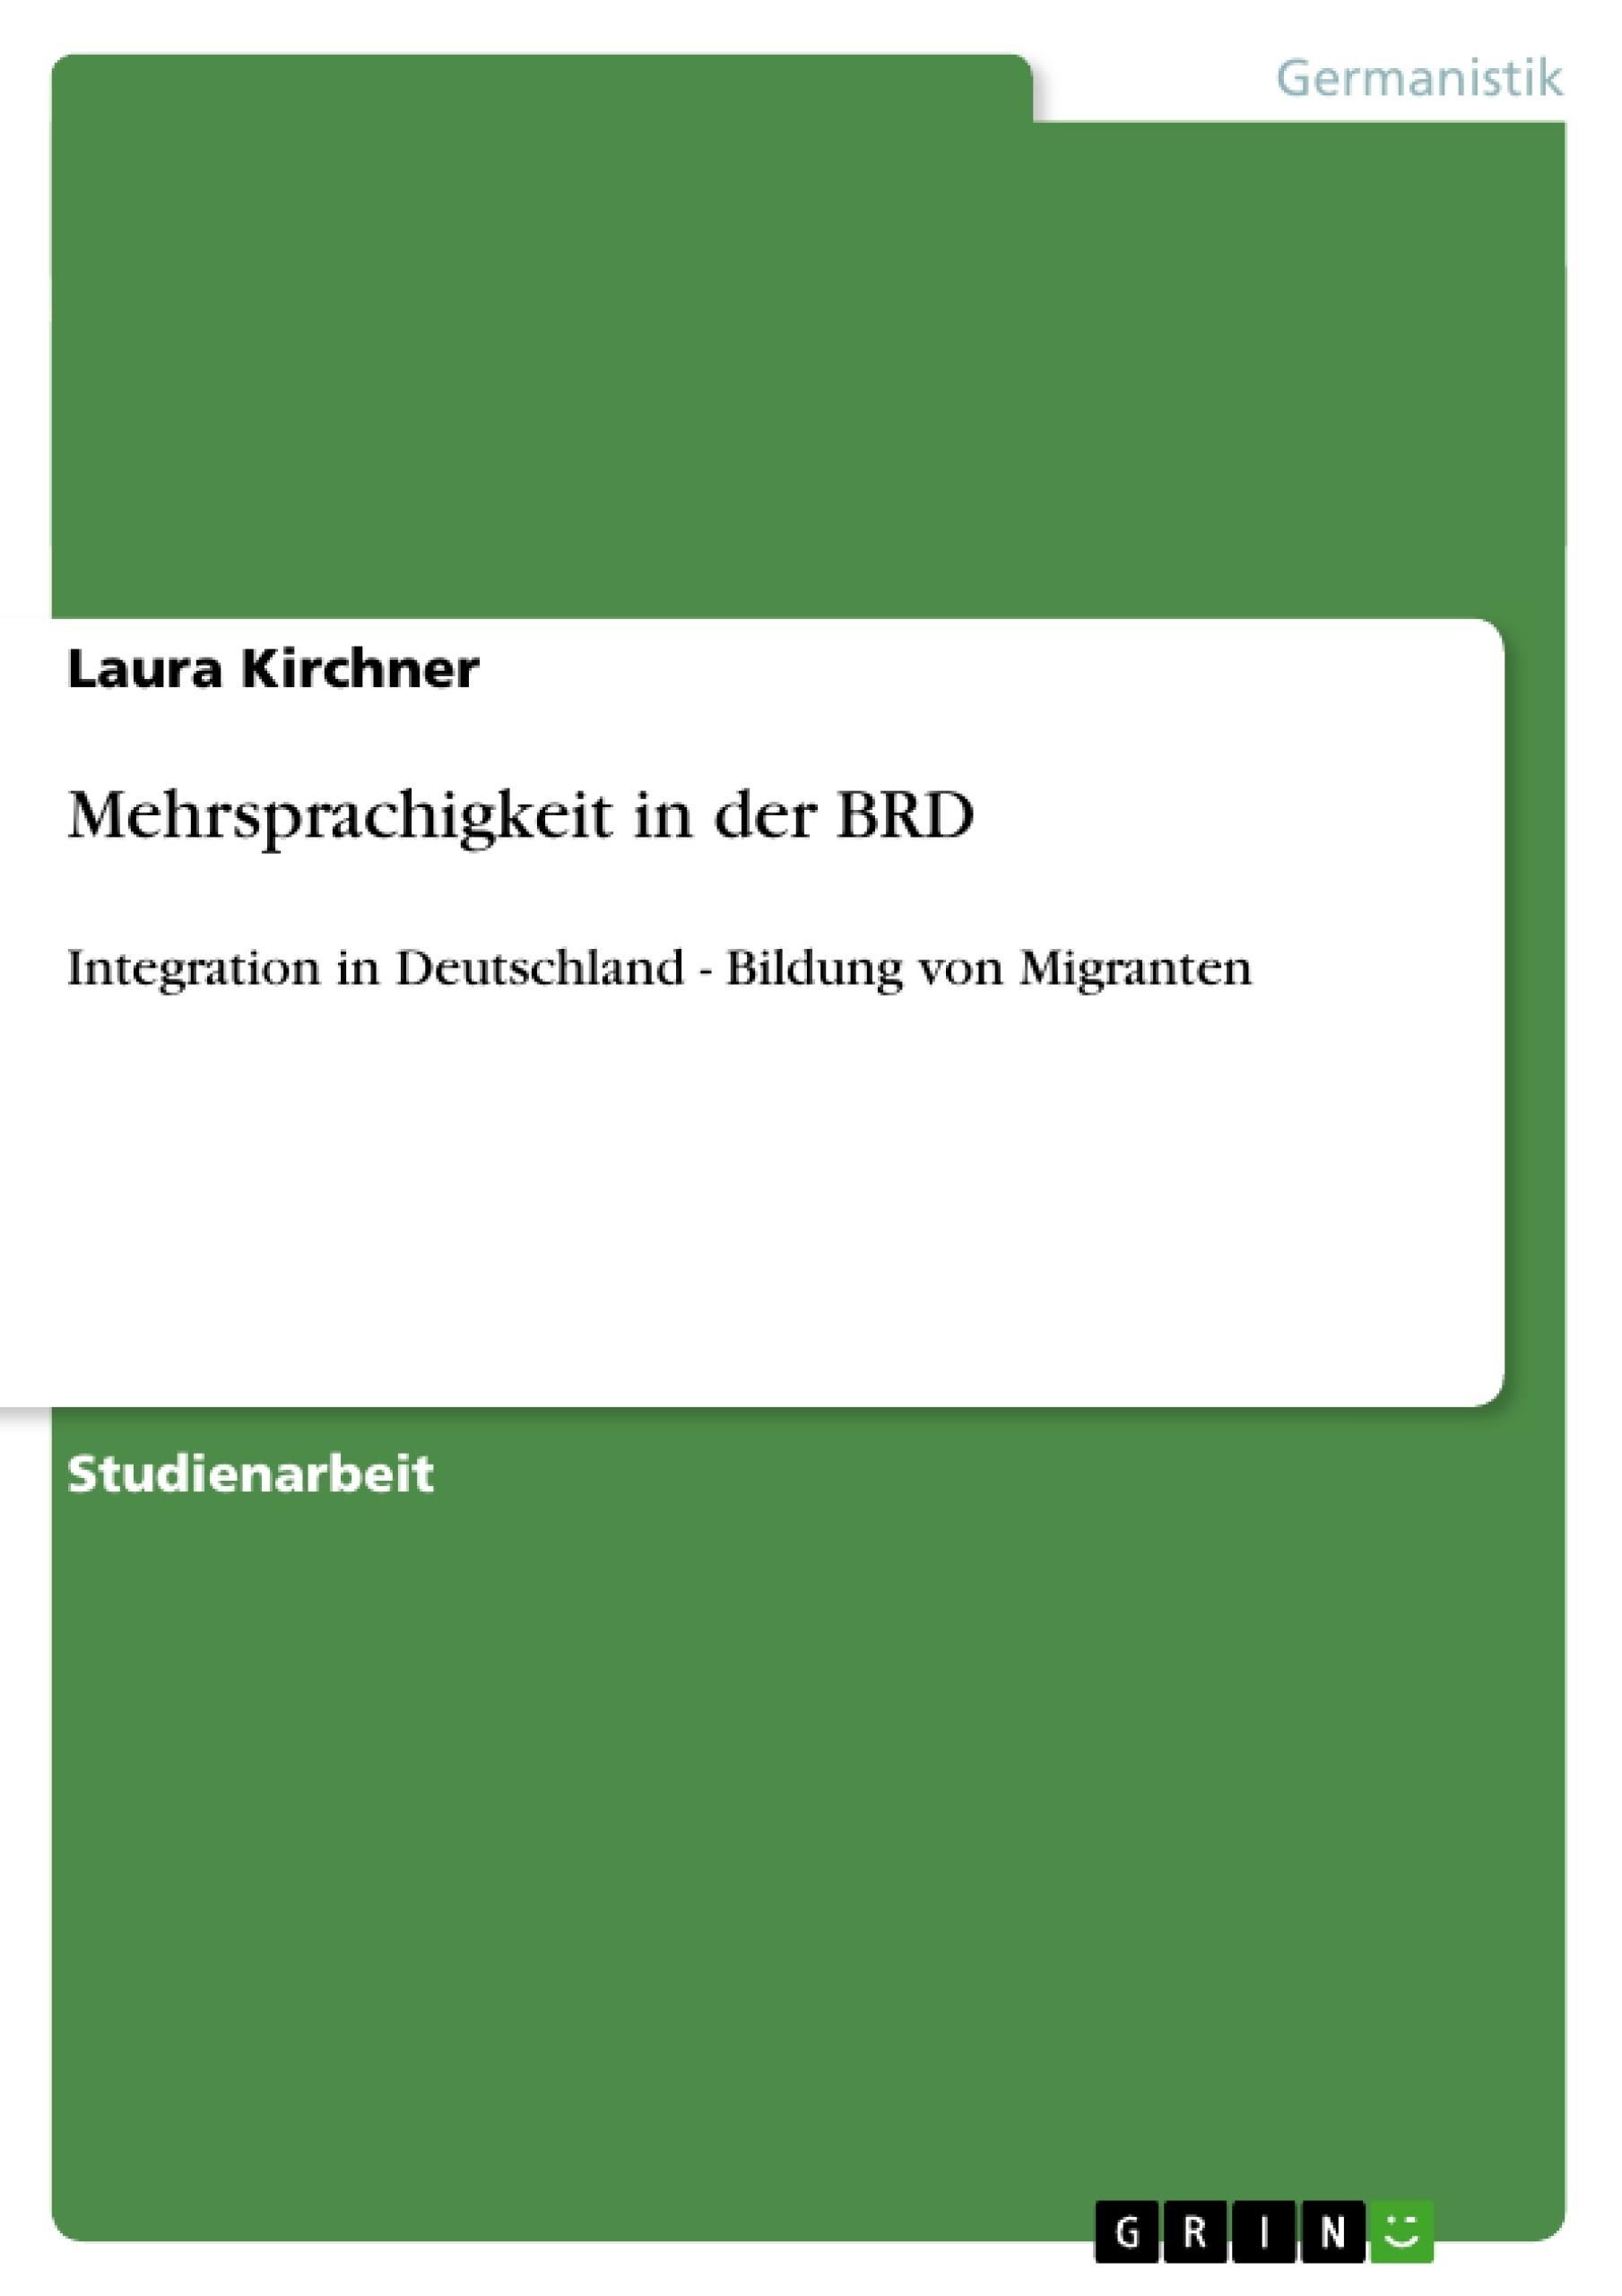 Titel: Mehrsprachigkeit in der BRD